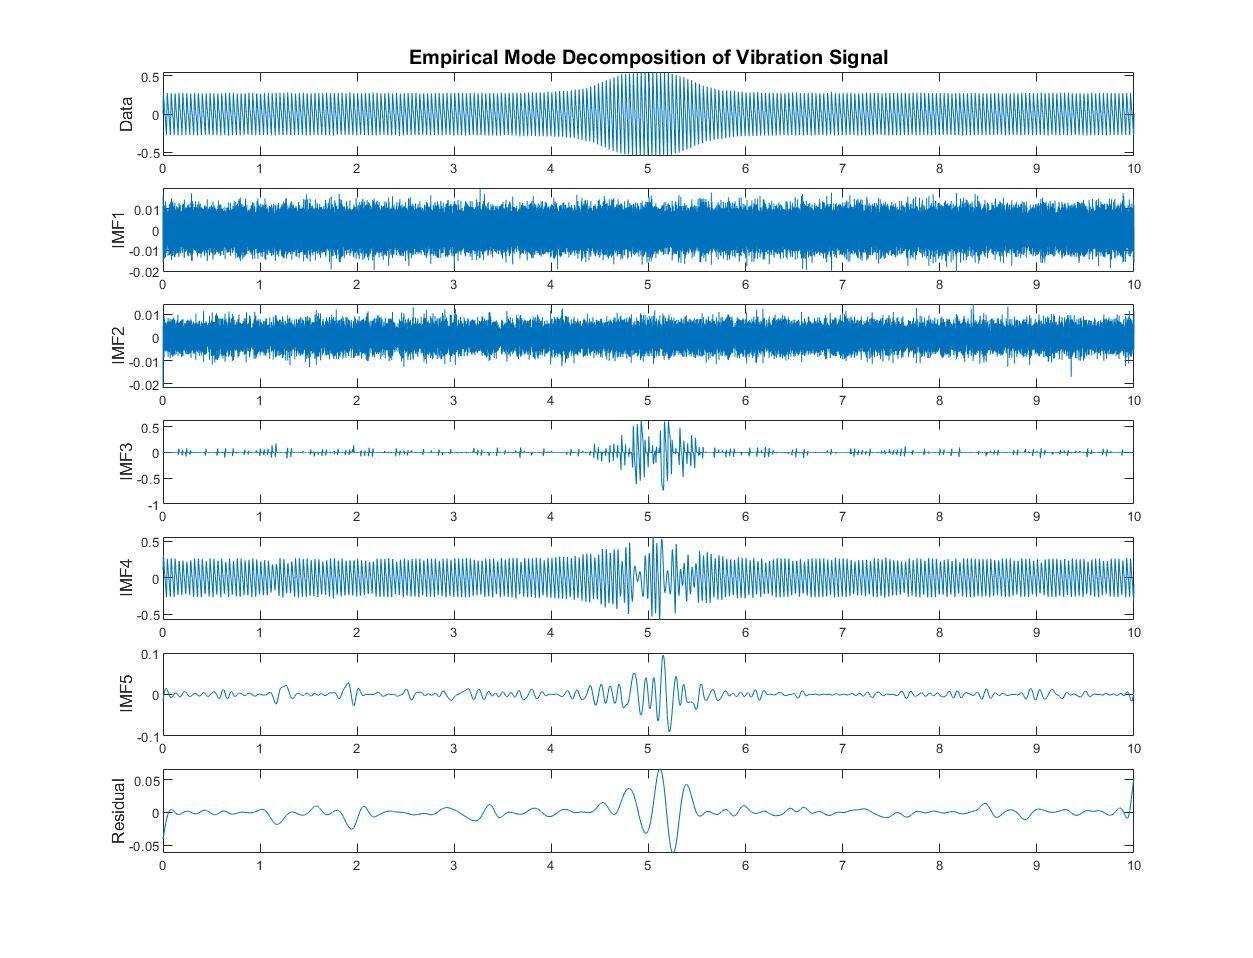 Señal de vibración analizada en MATLAB con descomposición empírica en modos